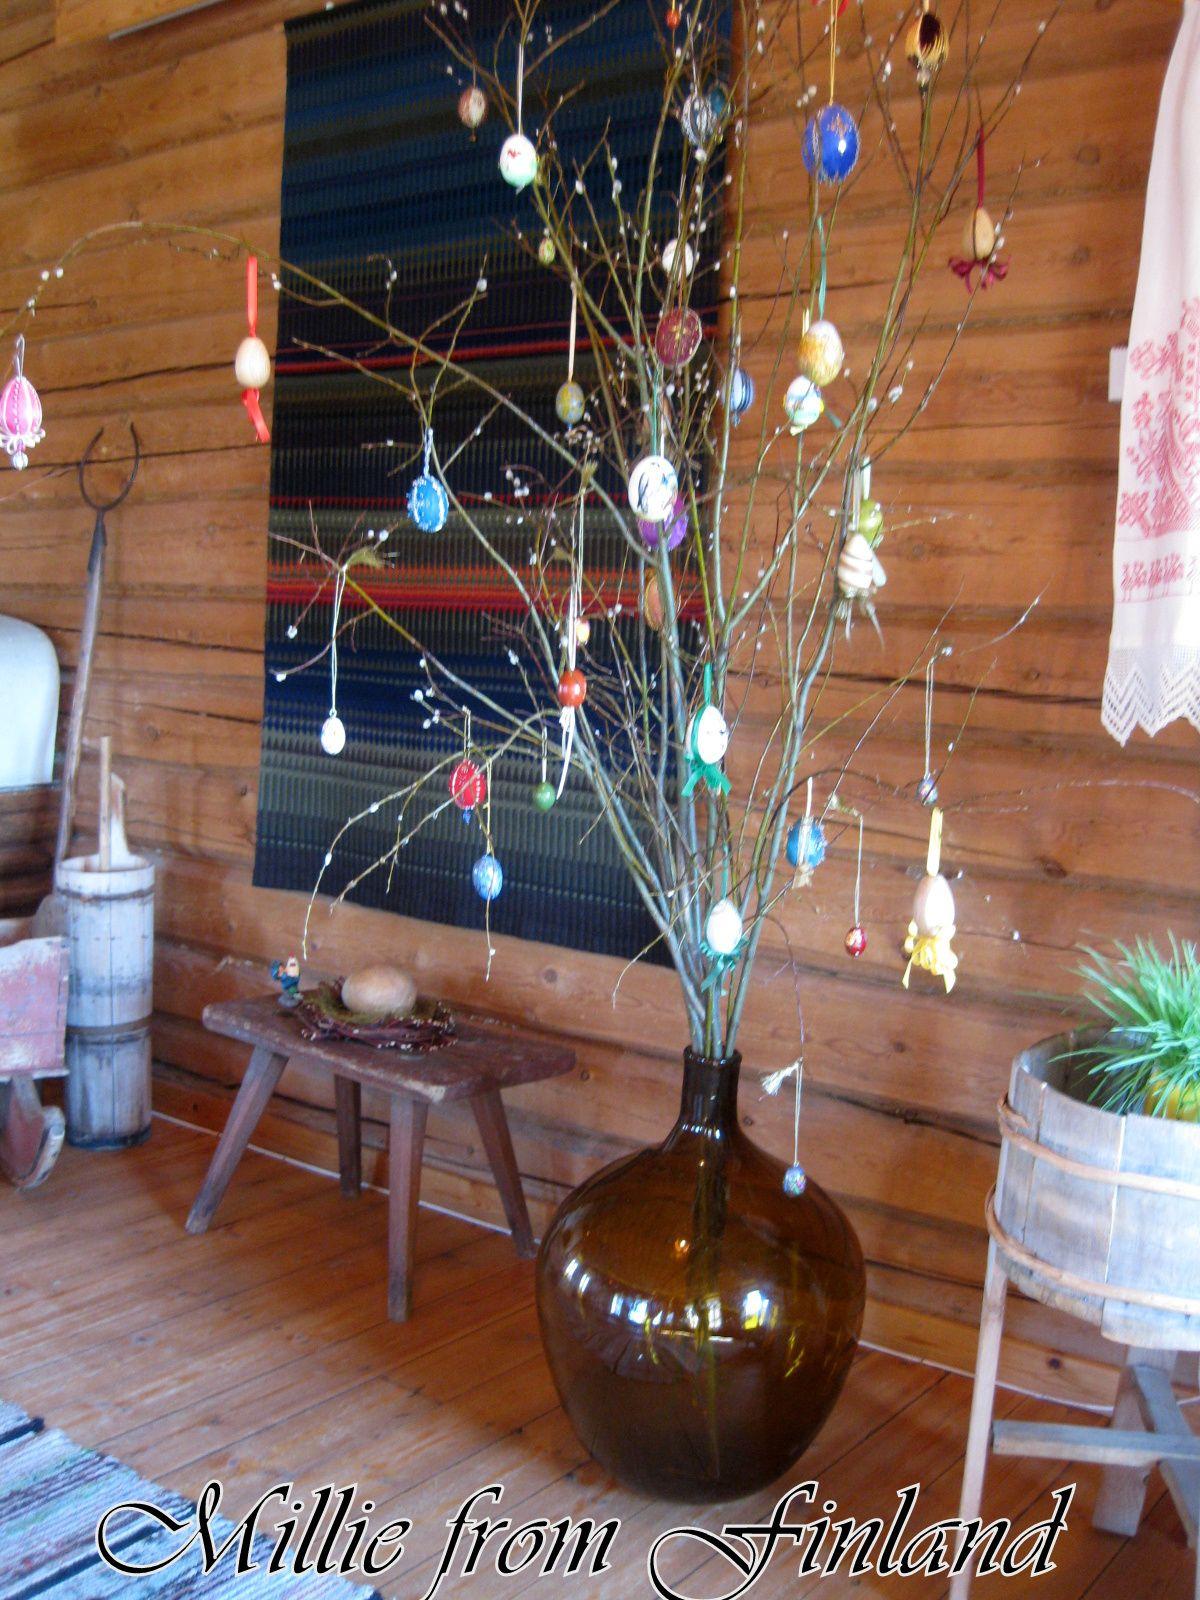 Varmaan jokaisella paikkakunnalla on erilaisia pääsiäistapahtumia, missä kannattaa käydä. Jos lähellä on jokin pääsiäisaiheinen näyttely, siellä kannattaa ehdottomasti käydä koko perheen voimin!